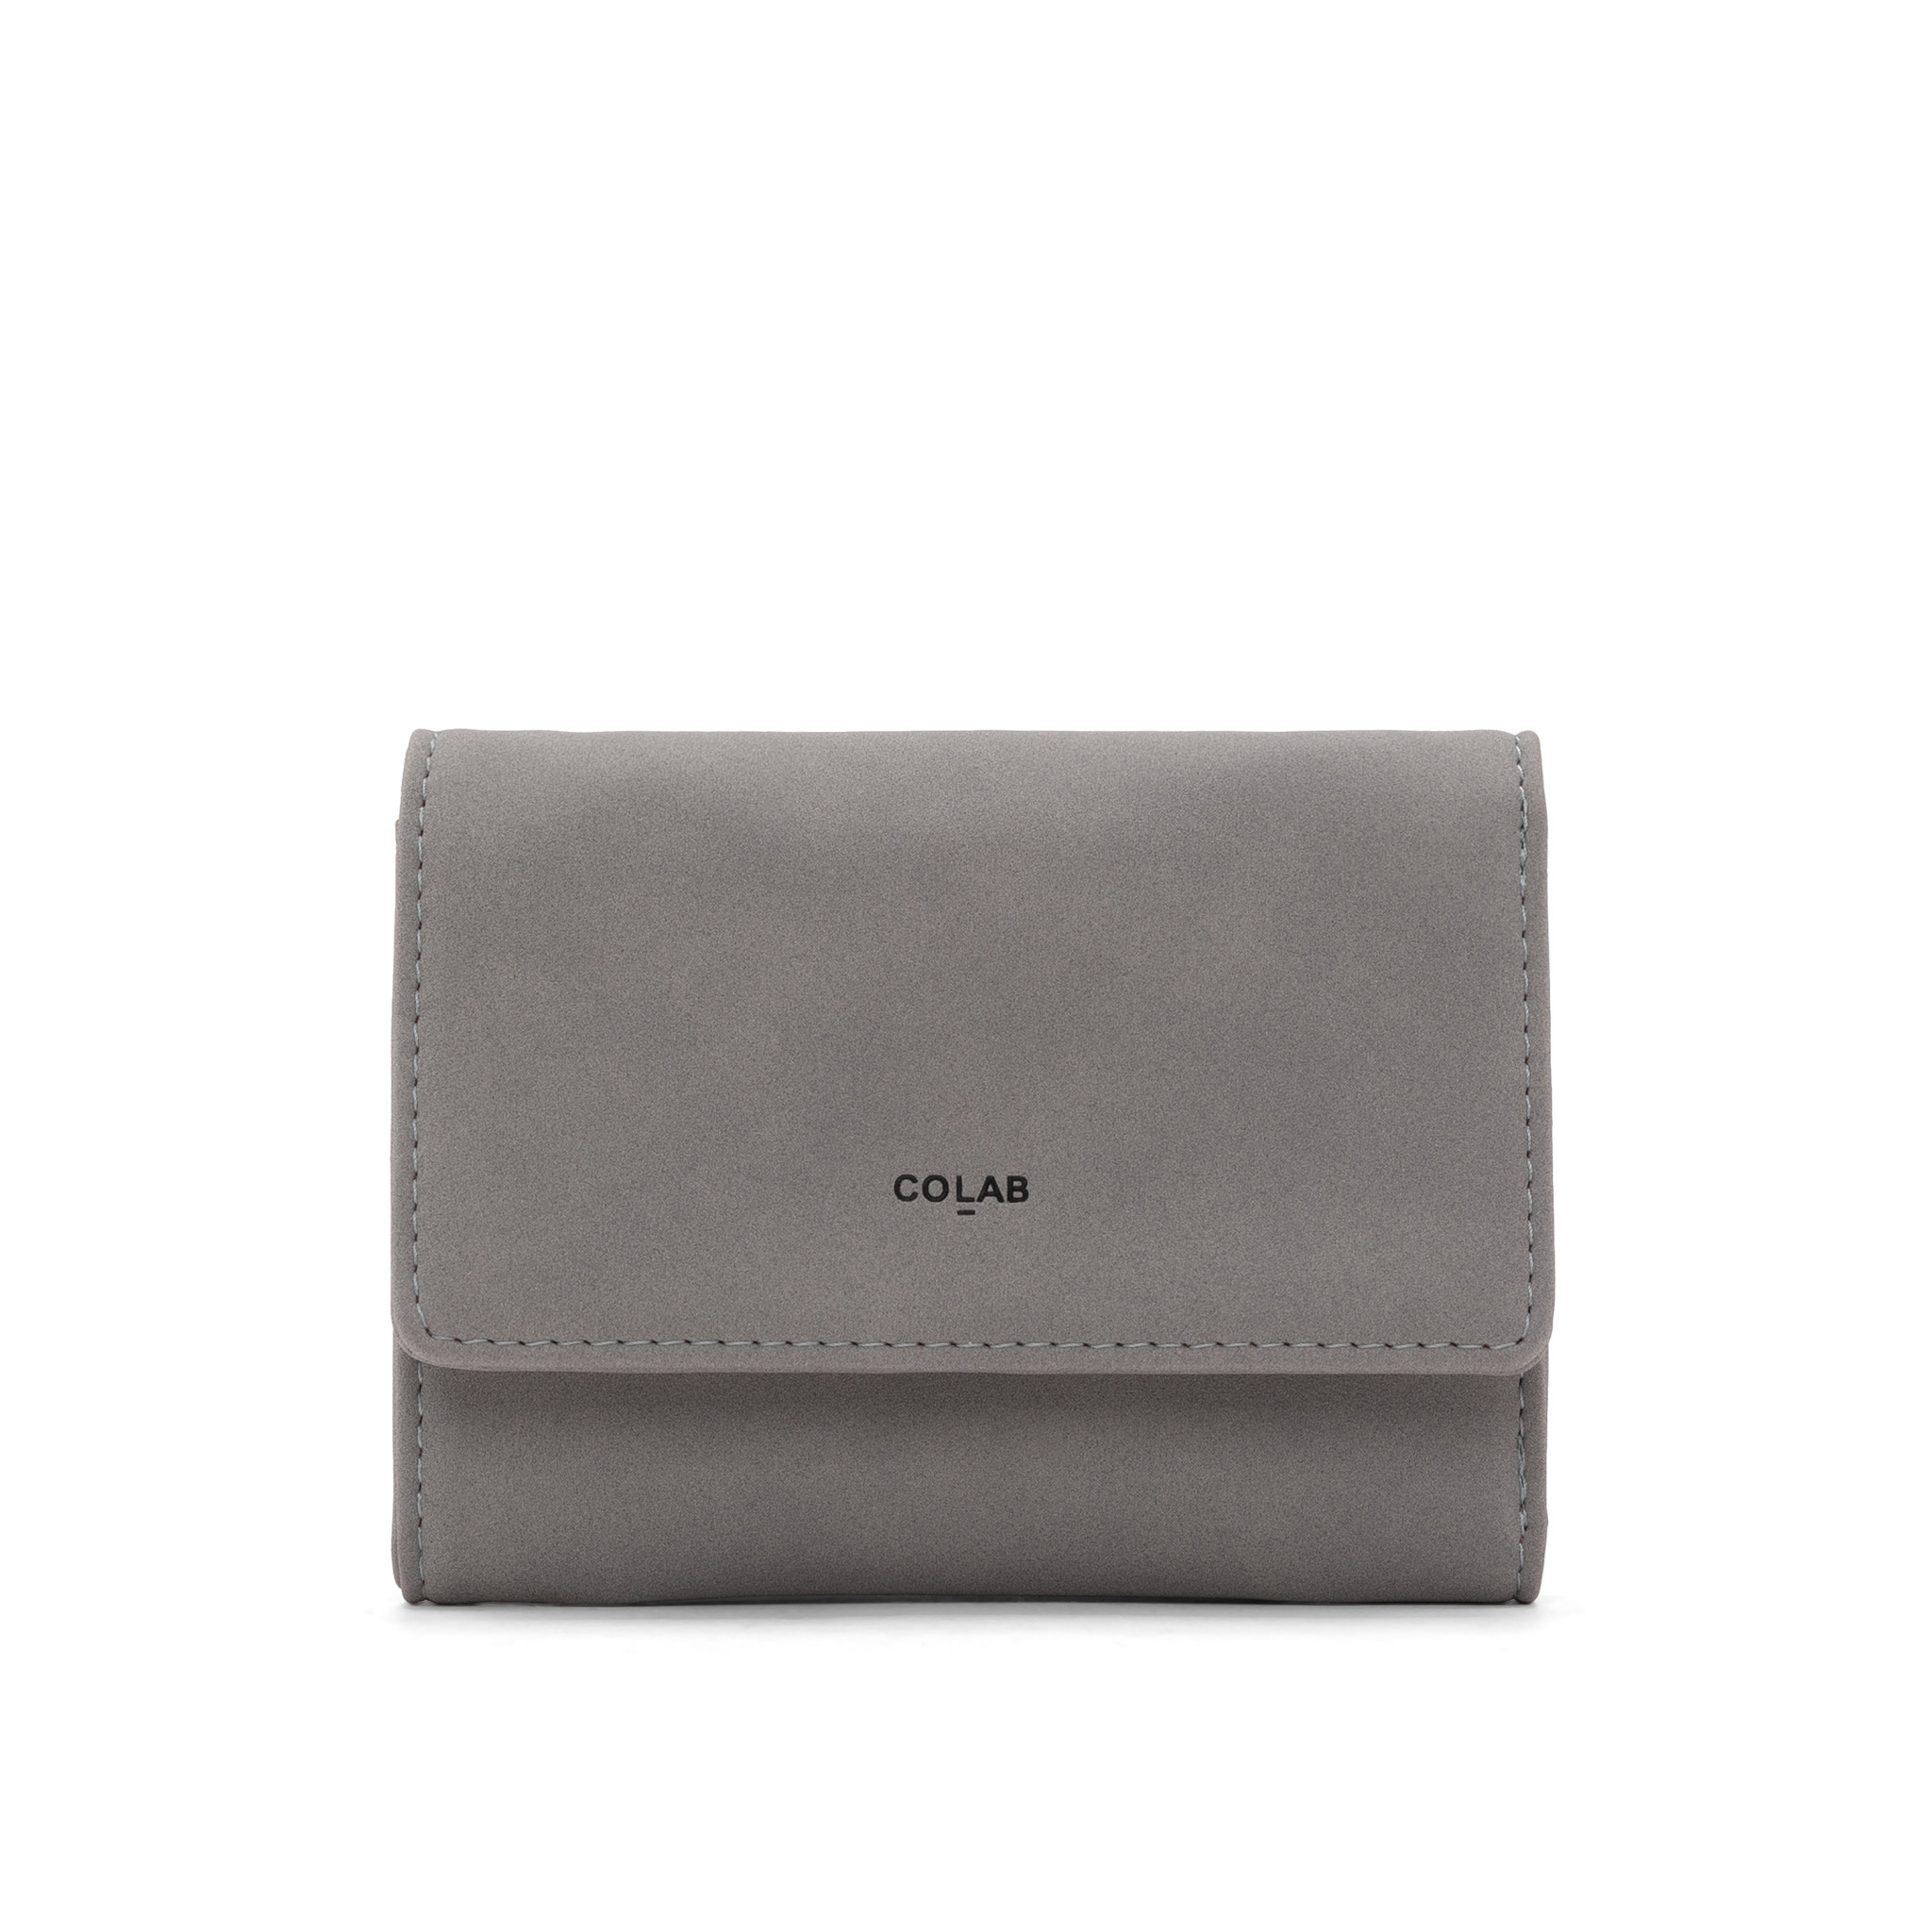 Colab Colab Nubuck Wallet (#6369) - Gray